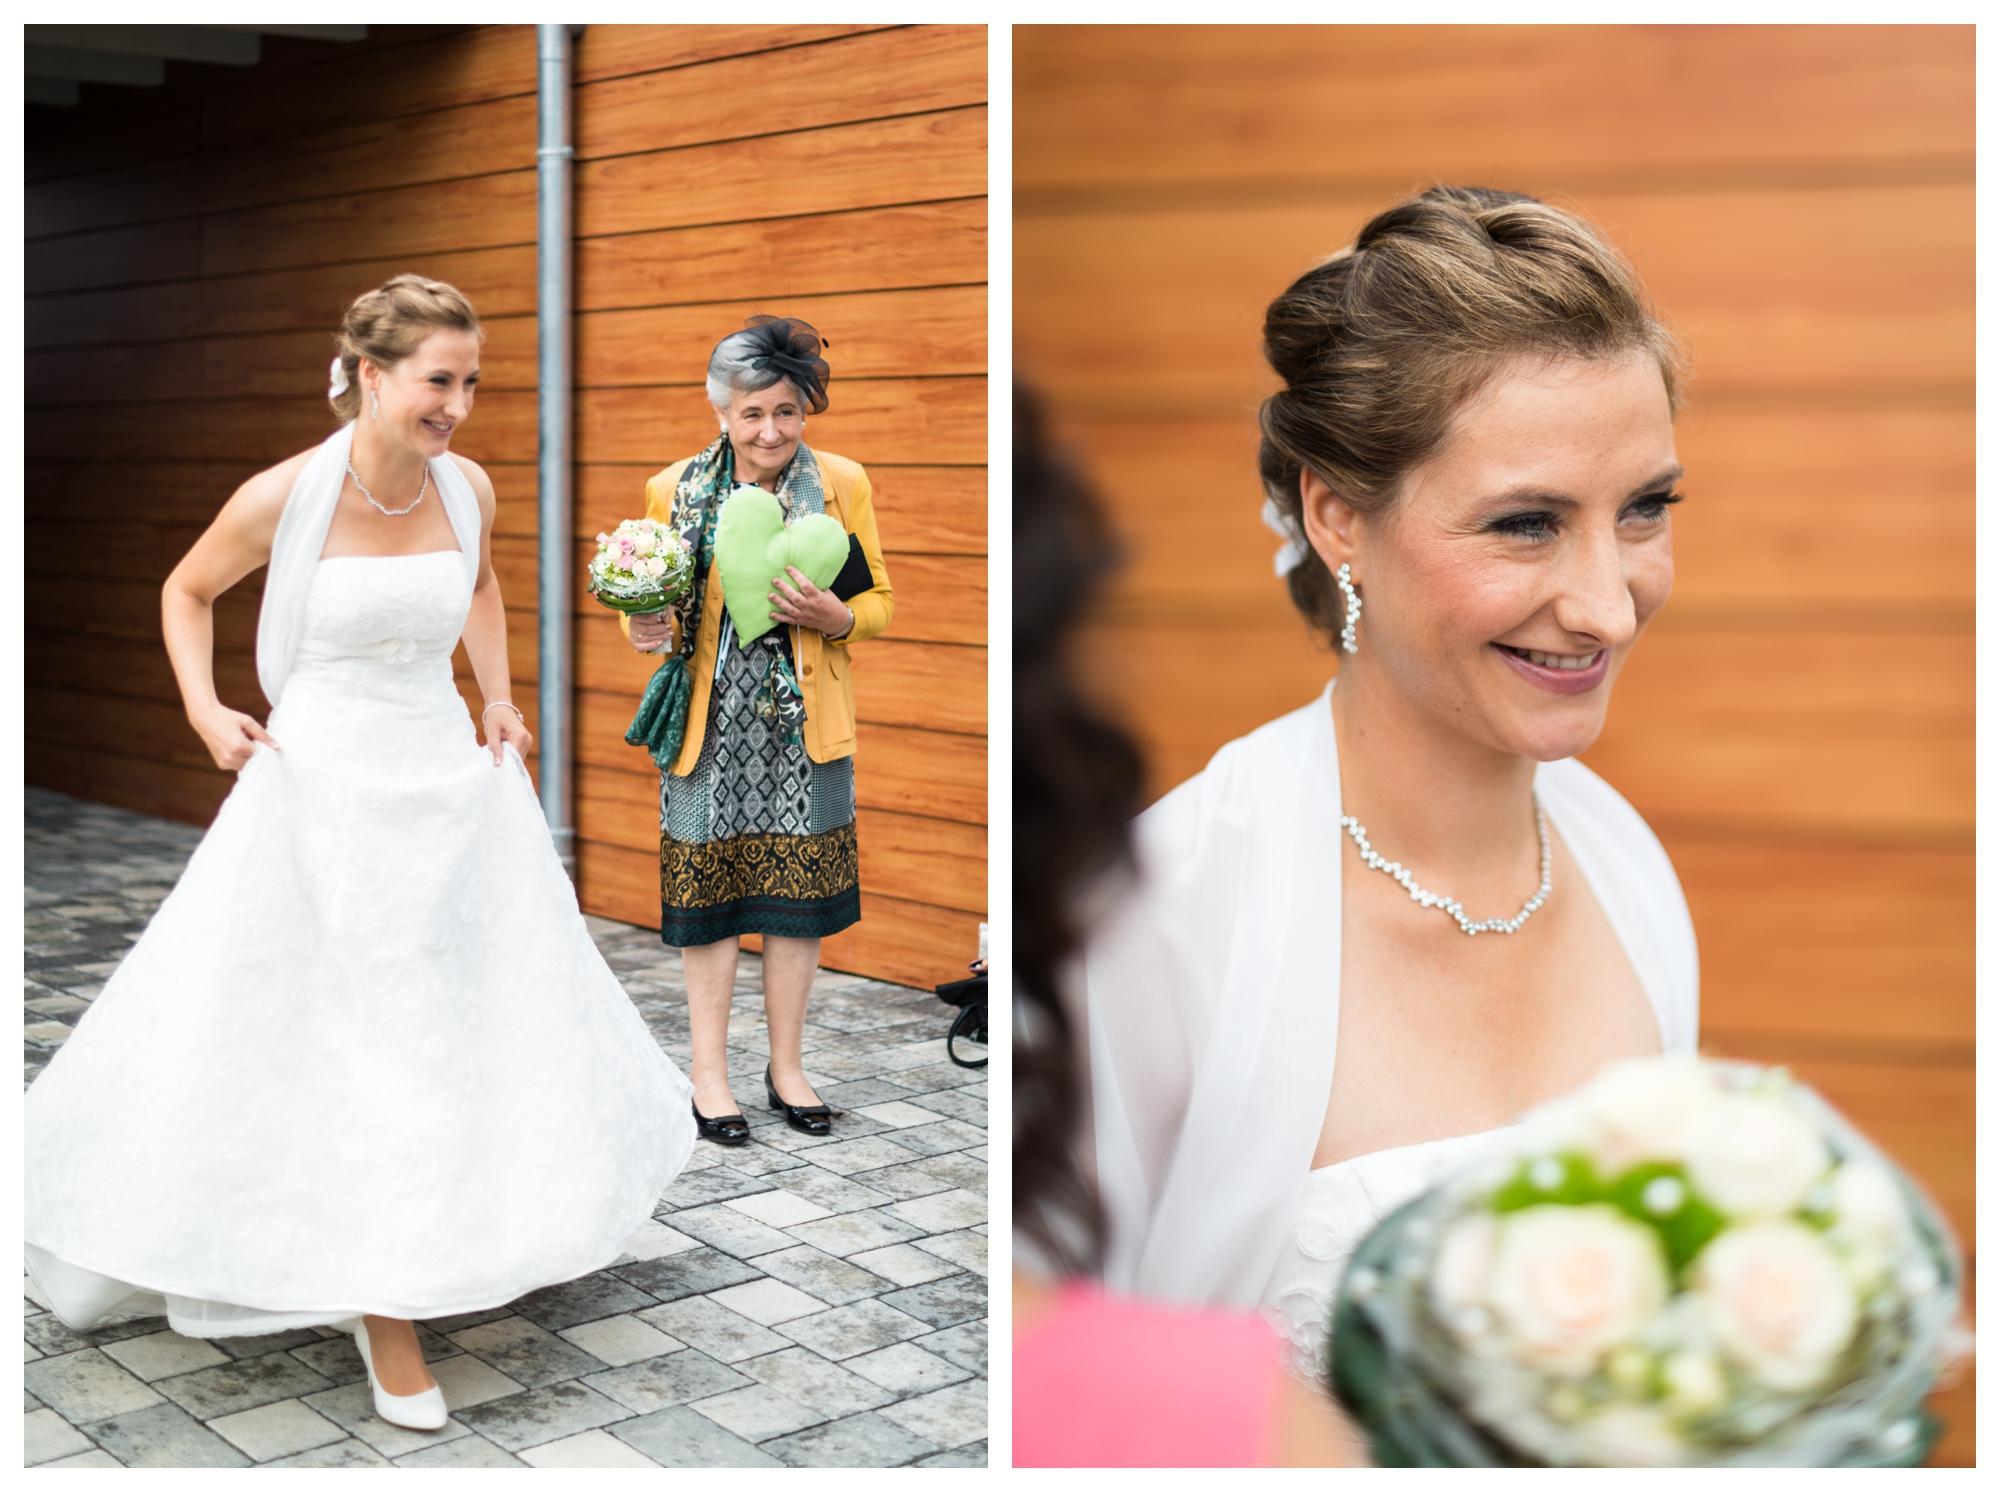 Fotograf Konstanz - 2013 12 09 0007 - Als Hochzeitsfotograf in Bad Dürrheim unterwegs  - 17 -